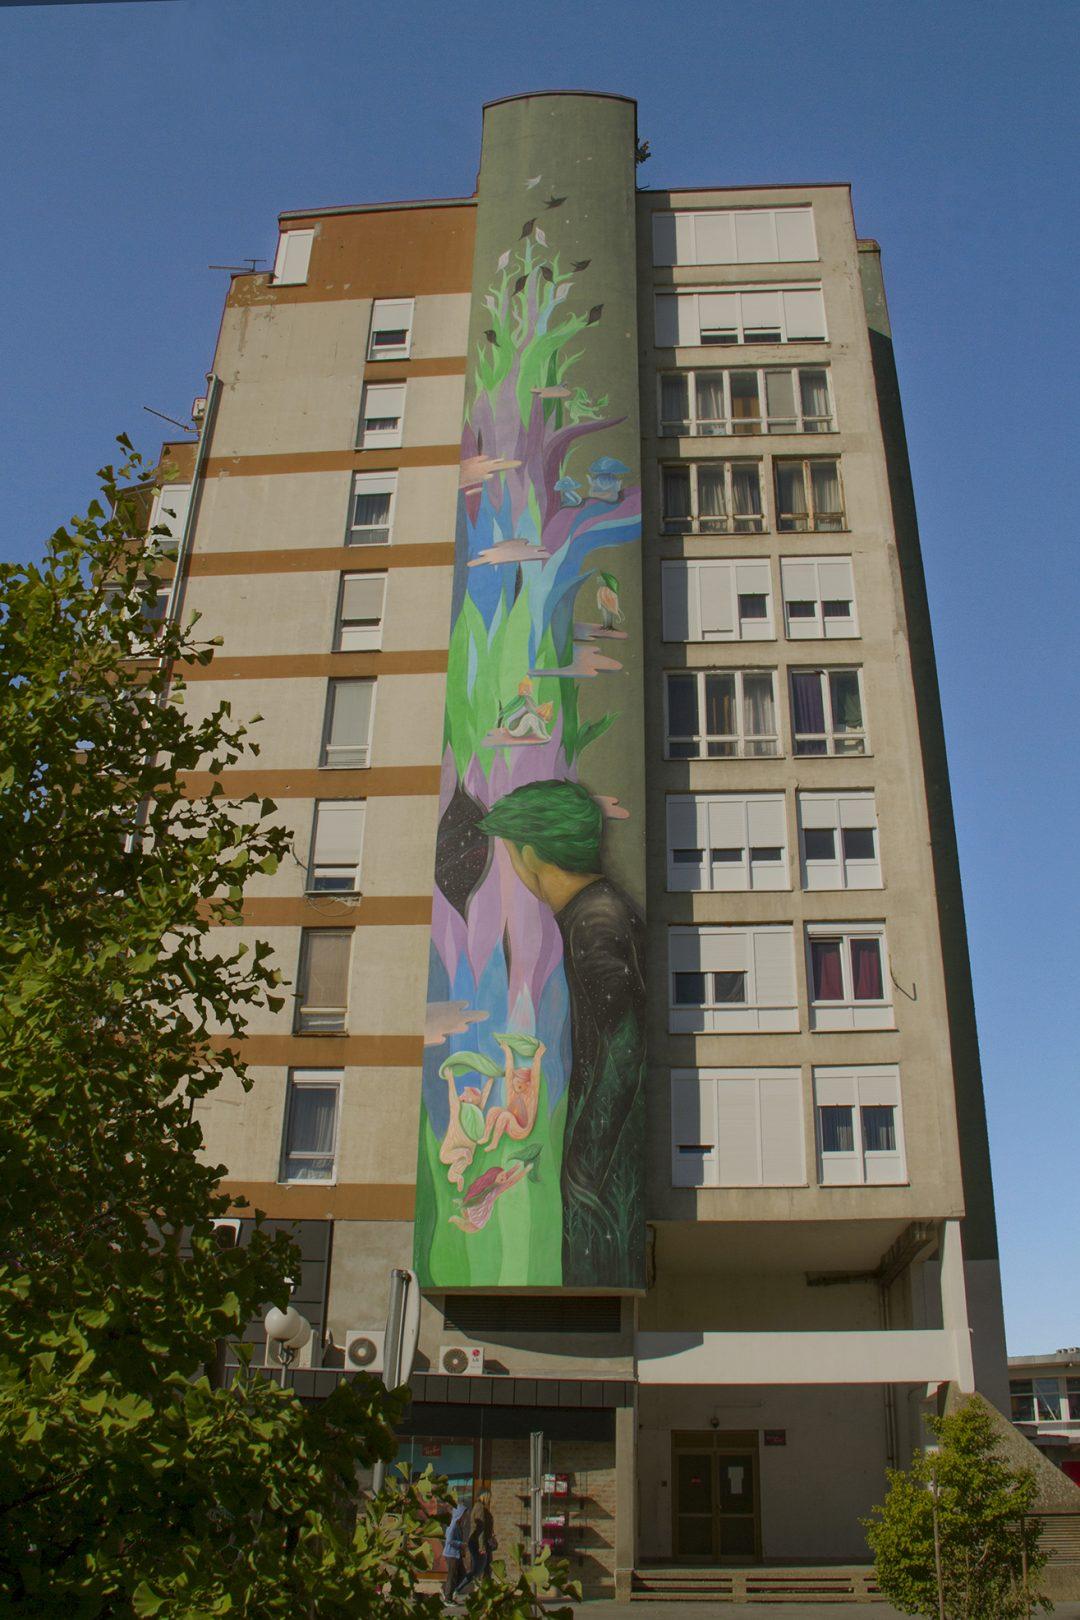 sumski-mural-stablo3-1080x1620